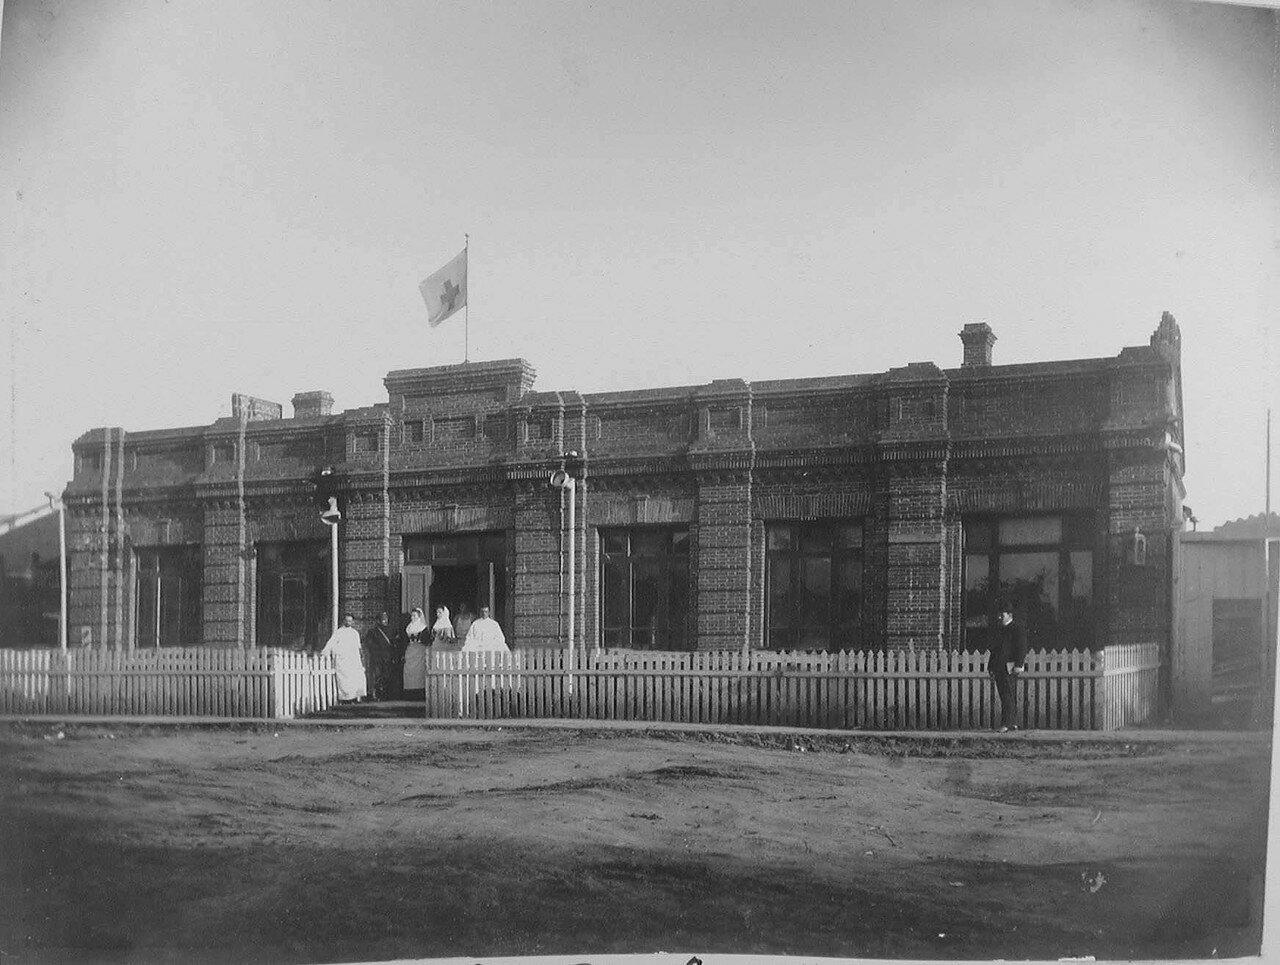 40. Внешний вид здания, где размещался склад Сунгаринского района